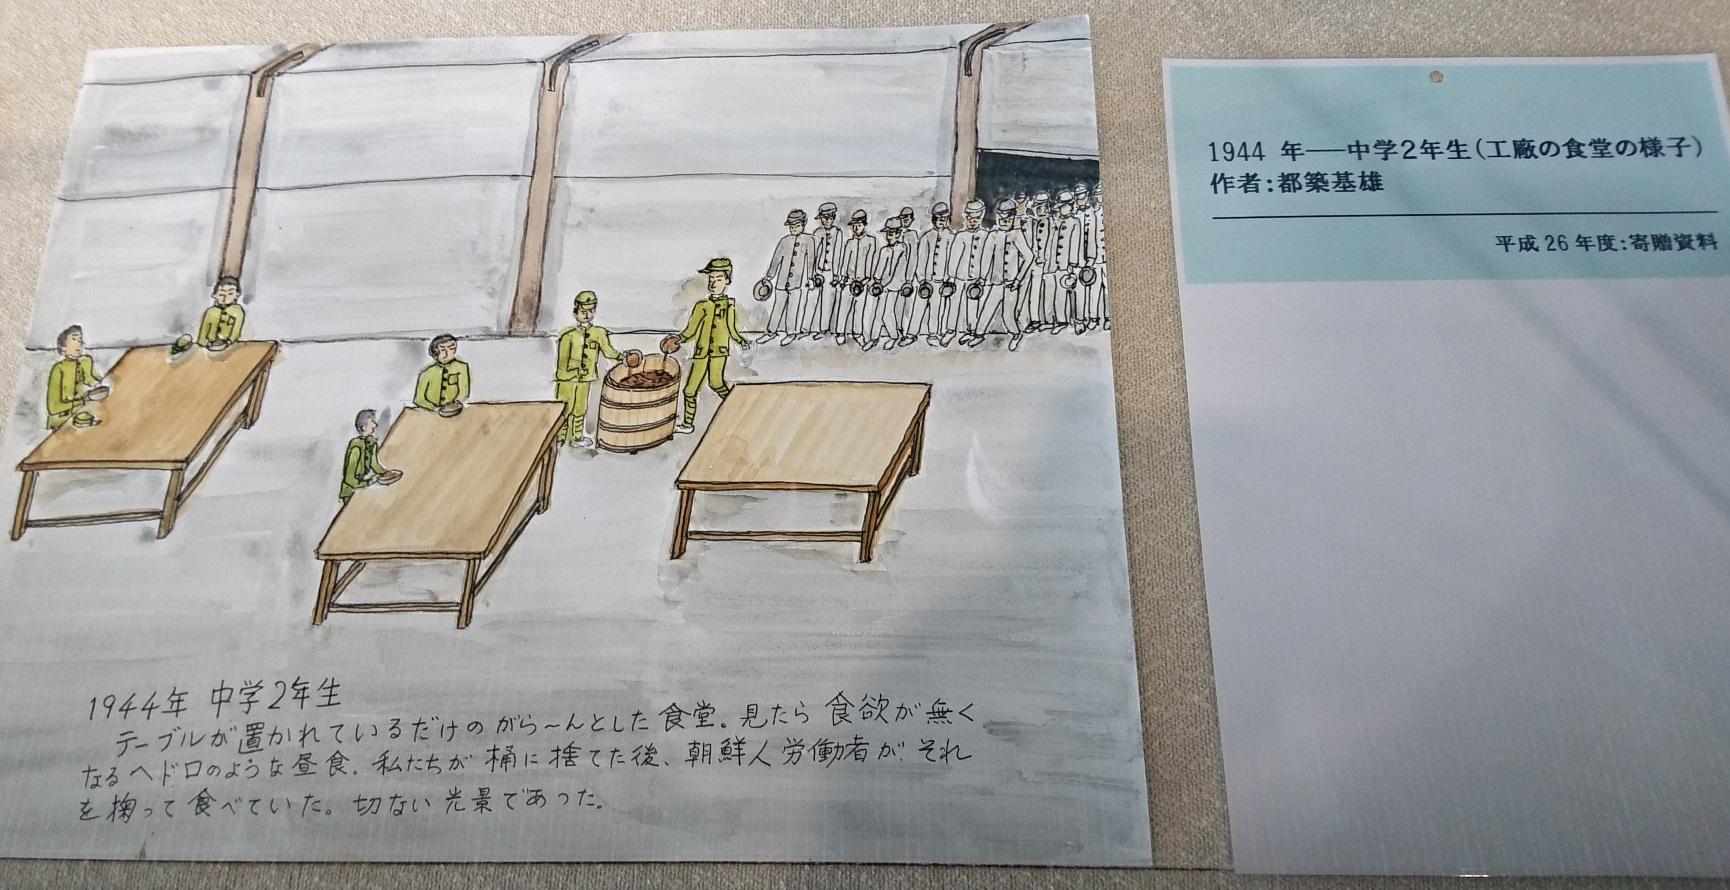 2017.8.30 豊川海軍工廠展 (6) 『工廠の食堂のようす』 1730-890